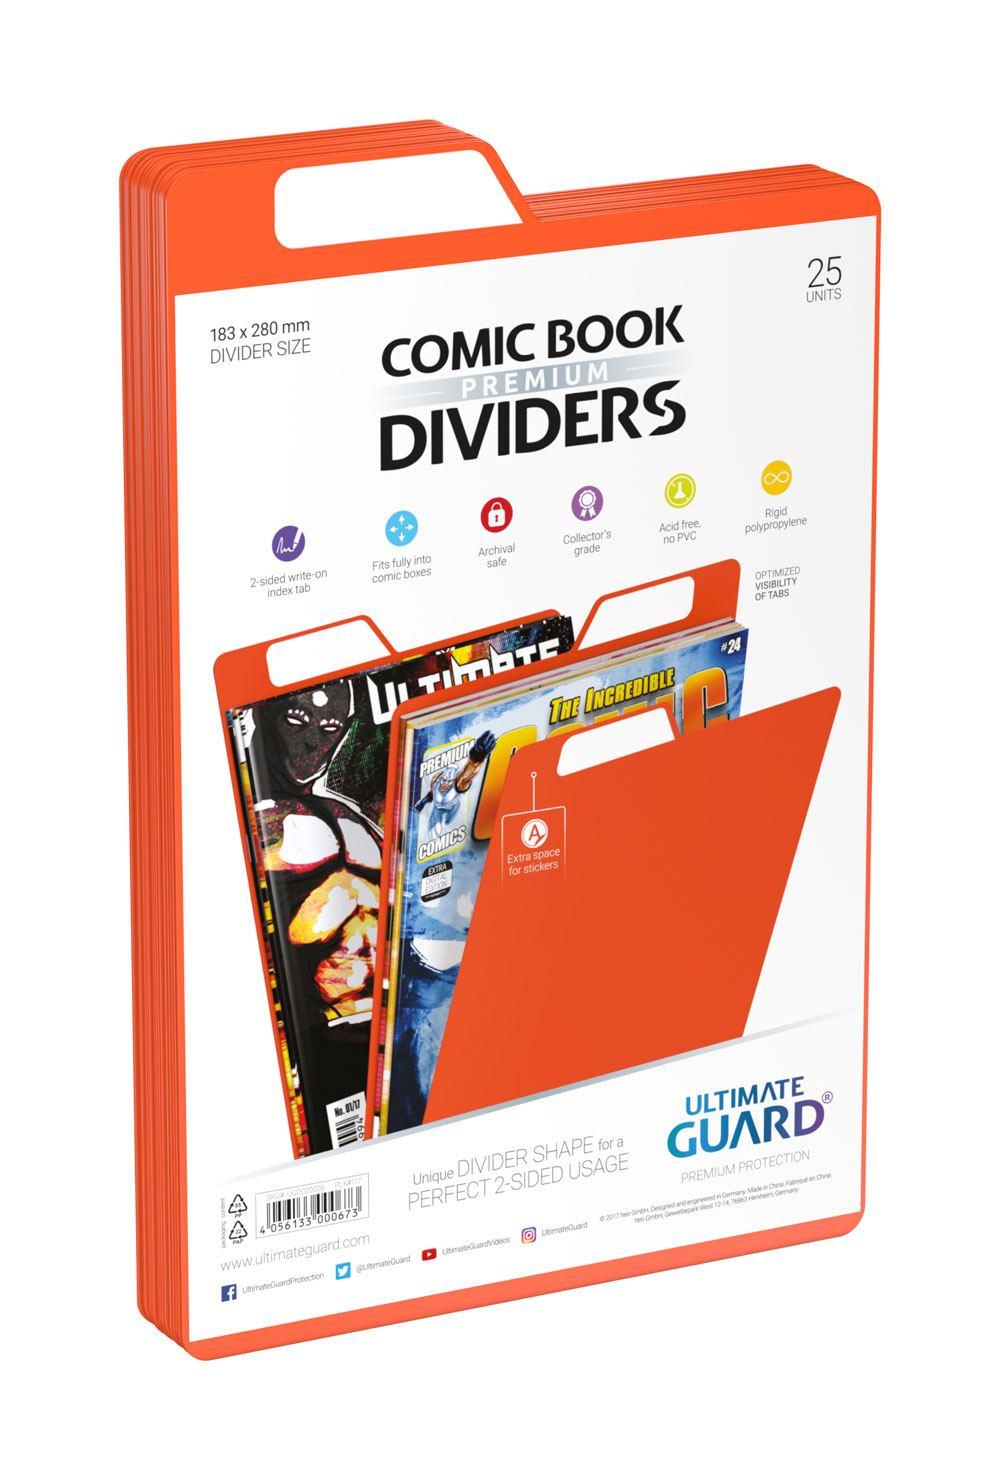 Photo du produit Ultimate Guard 25 intercalaires pour Comics Premium Comic Book Dividers Orange